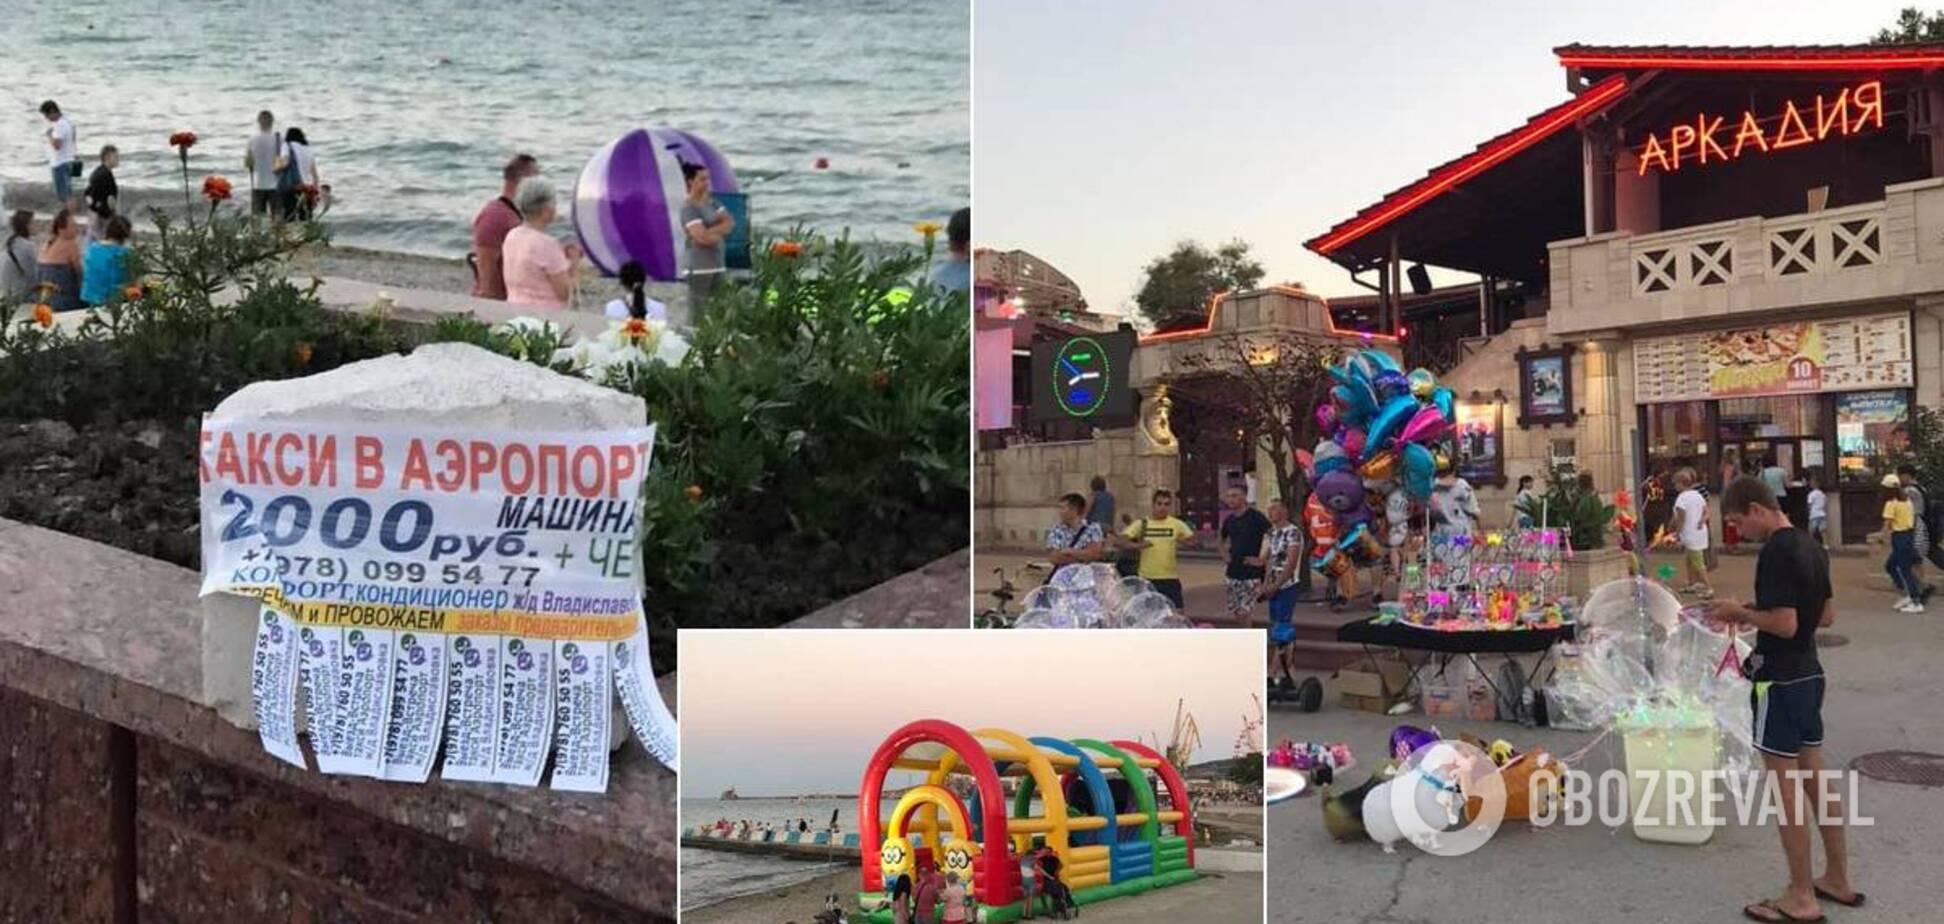 Блогер поскаржився на 'колгосп' і смердюче море в Криму